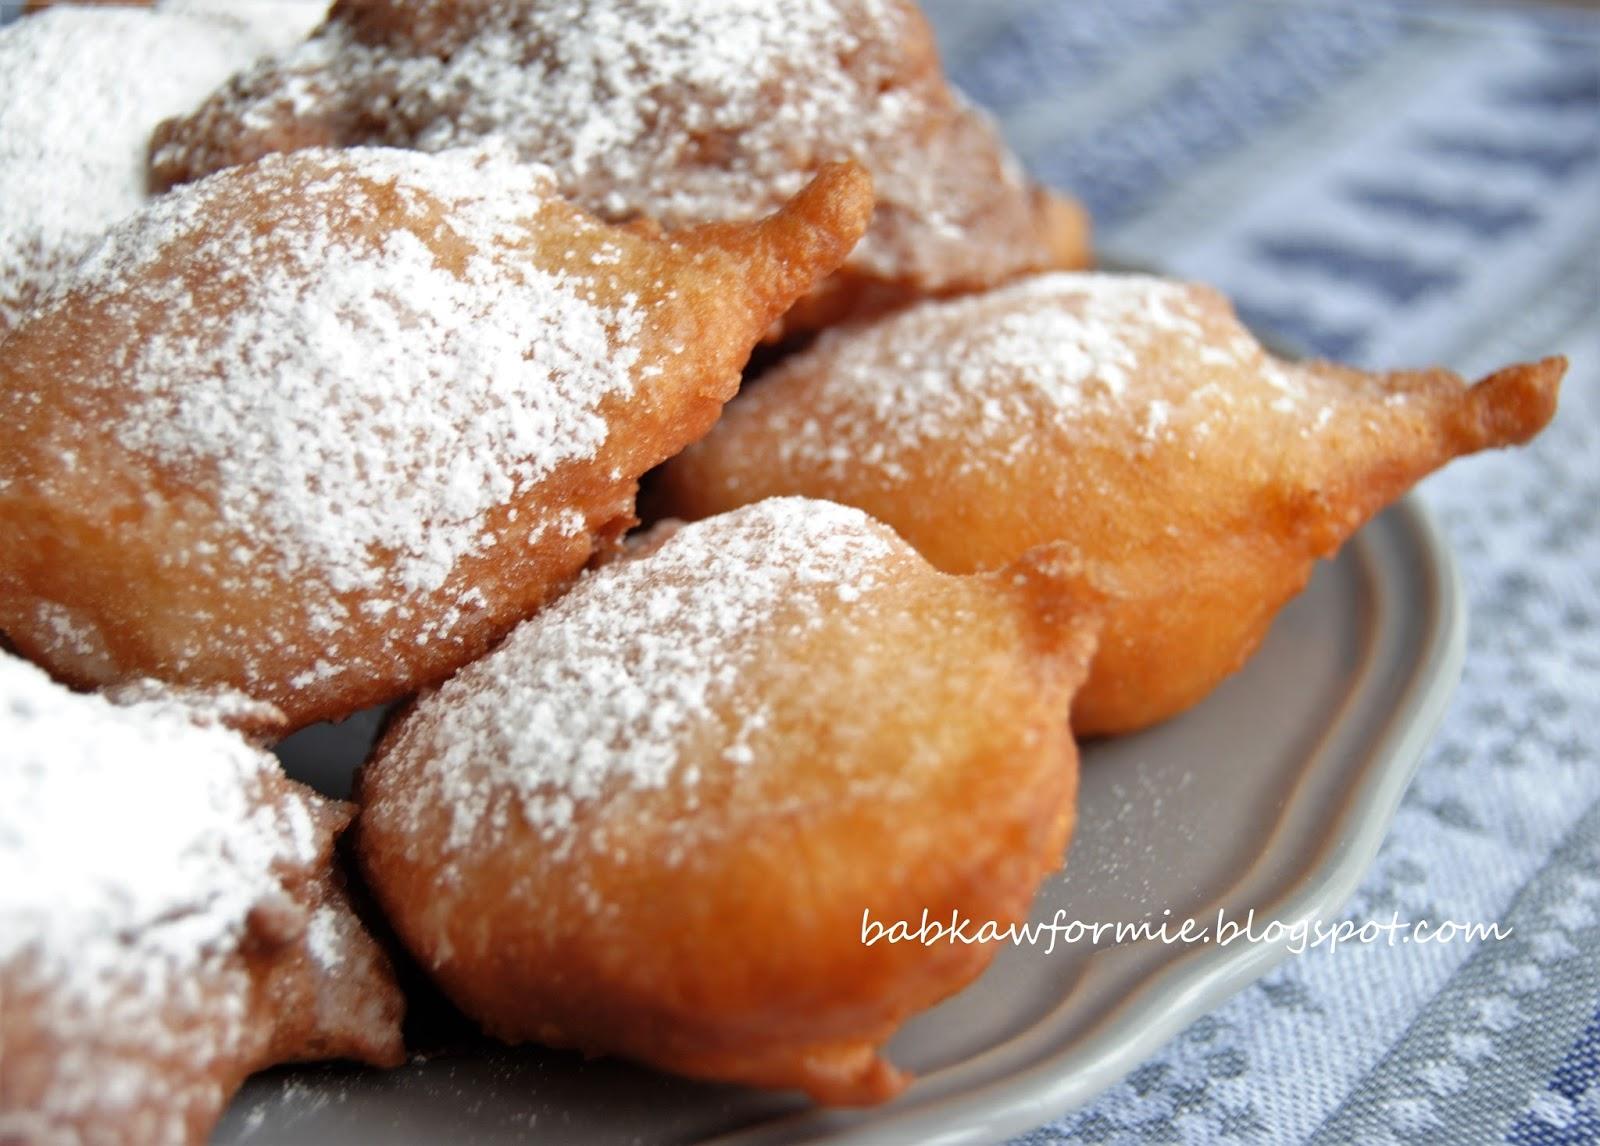 racuchy drożdżowe babkawformie.blogspot.com